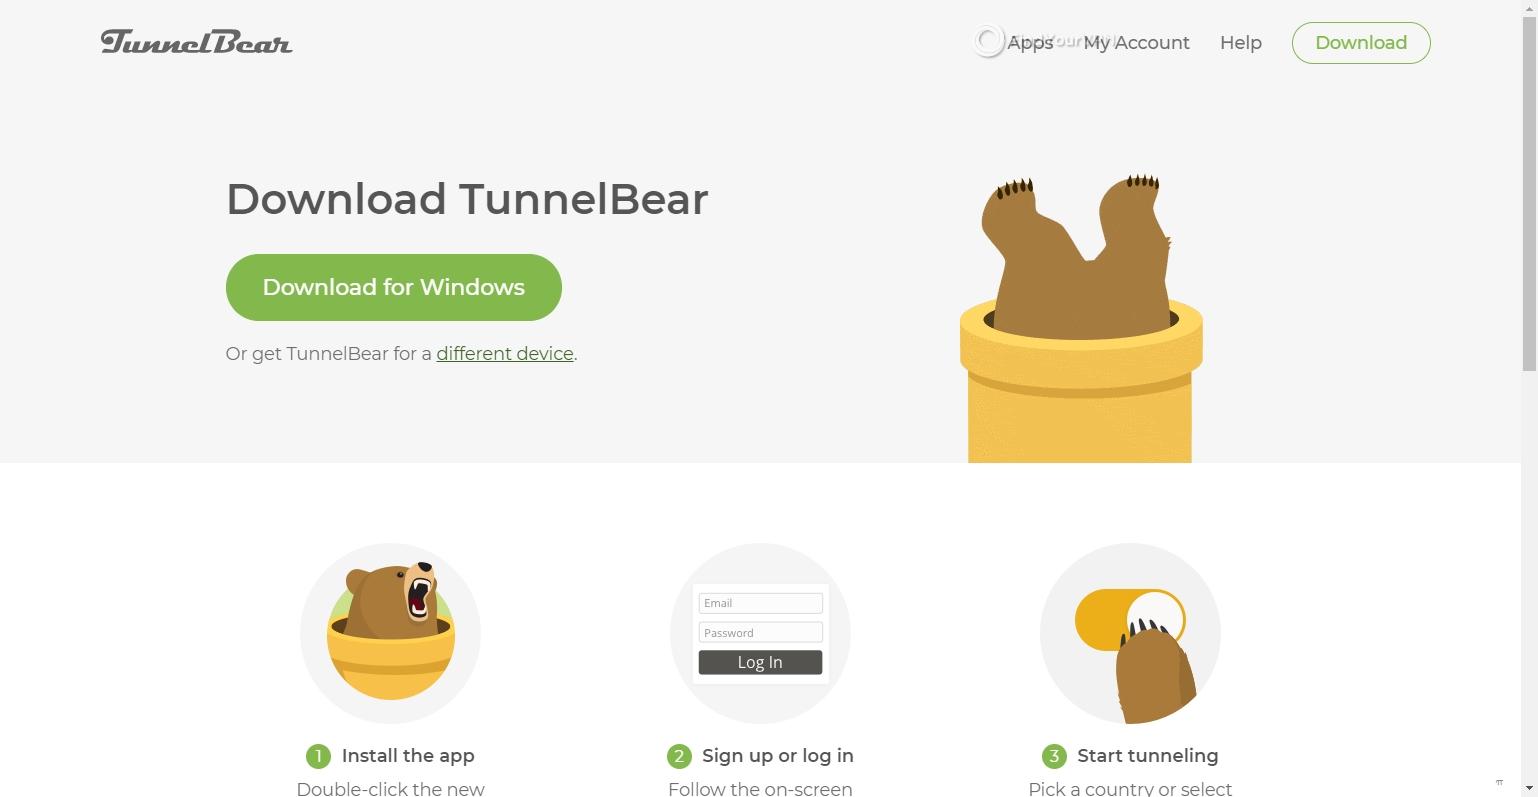 Download TunnelBear